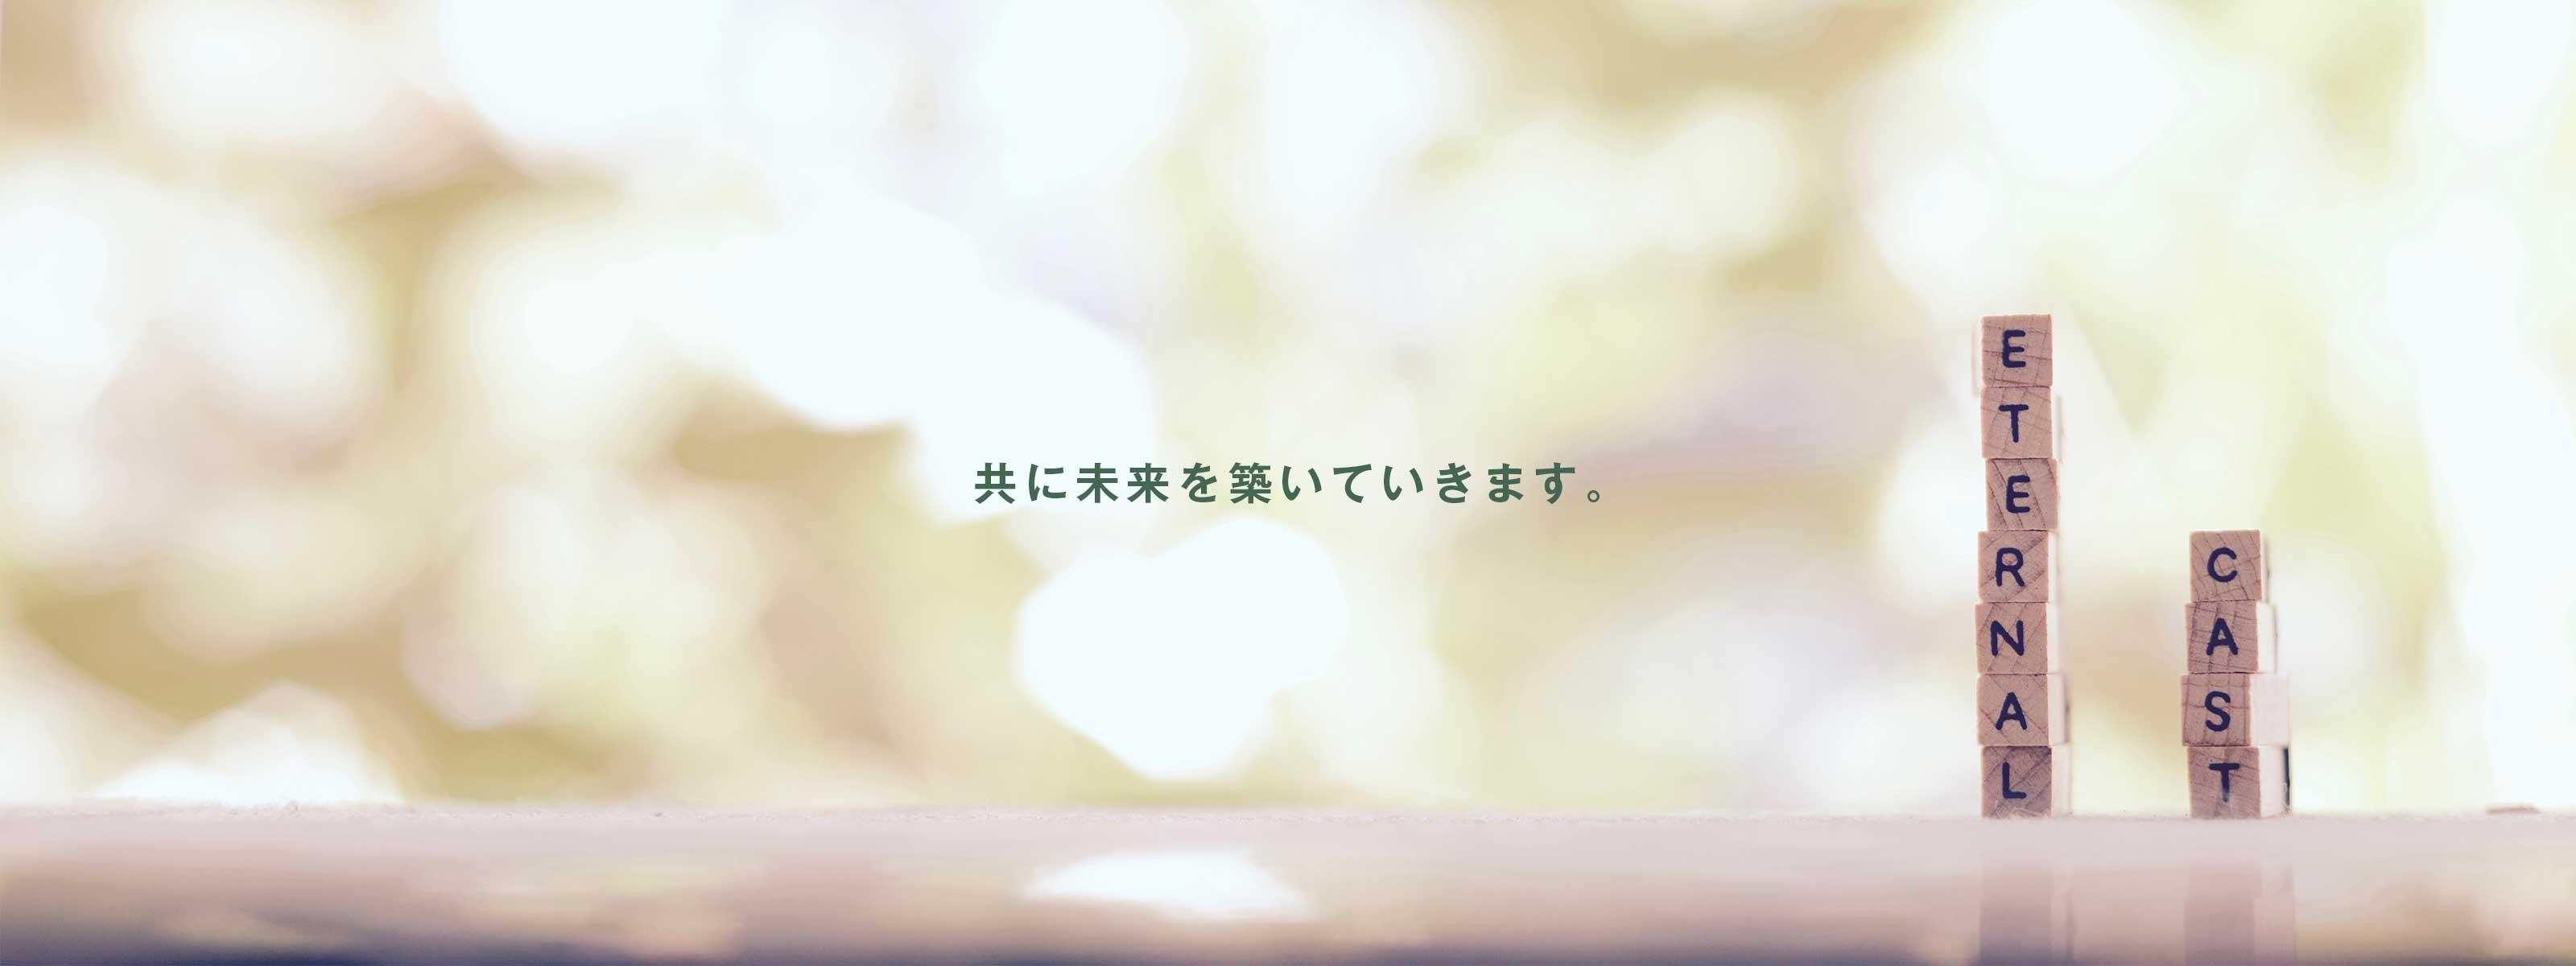 株式会社エターナルキャスト